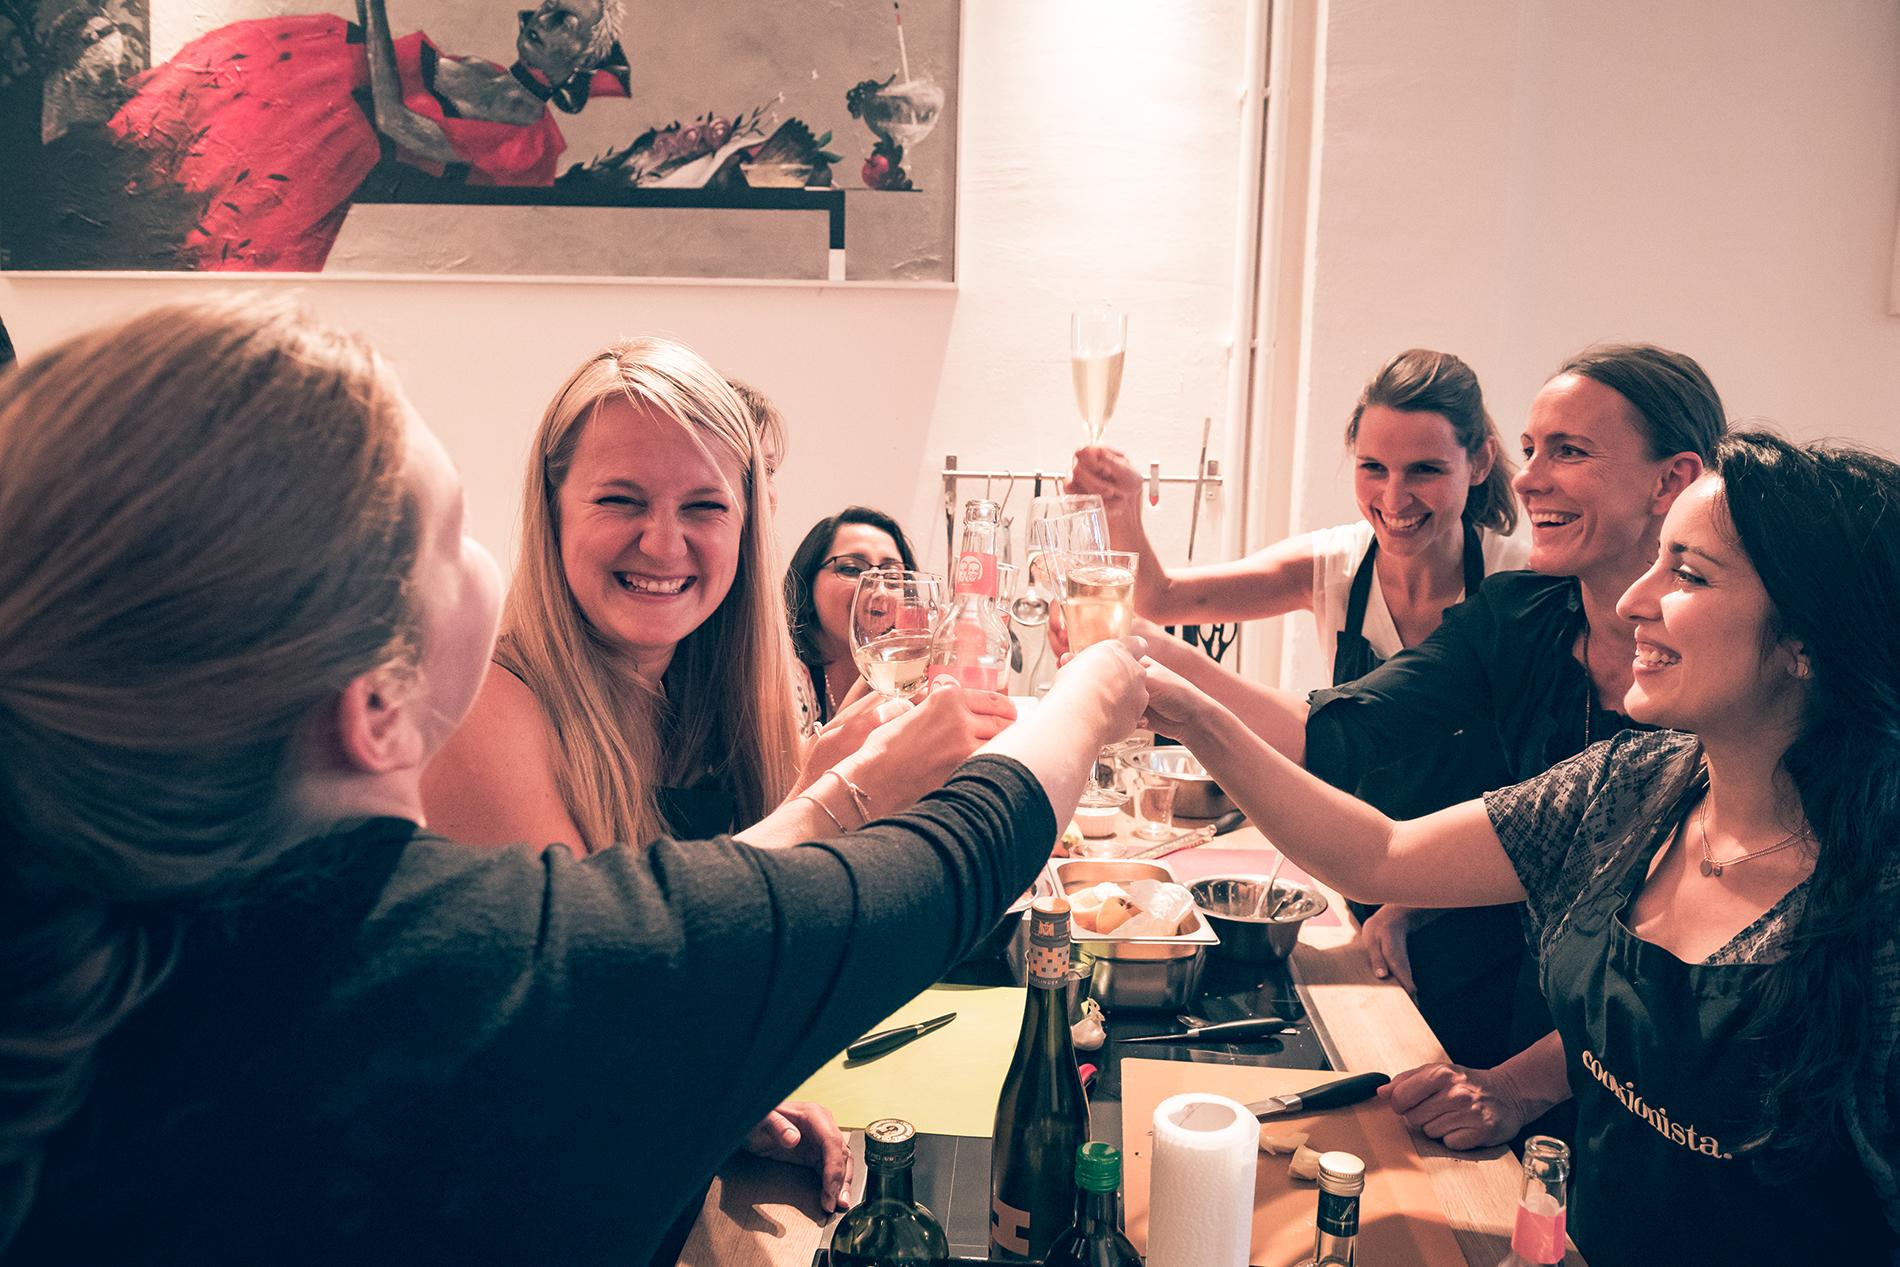 Junggesellinnenabschied feiern - Kochkurs